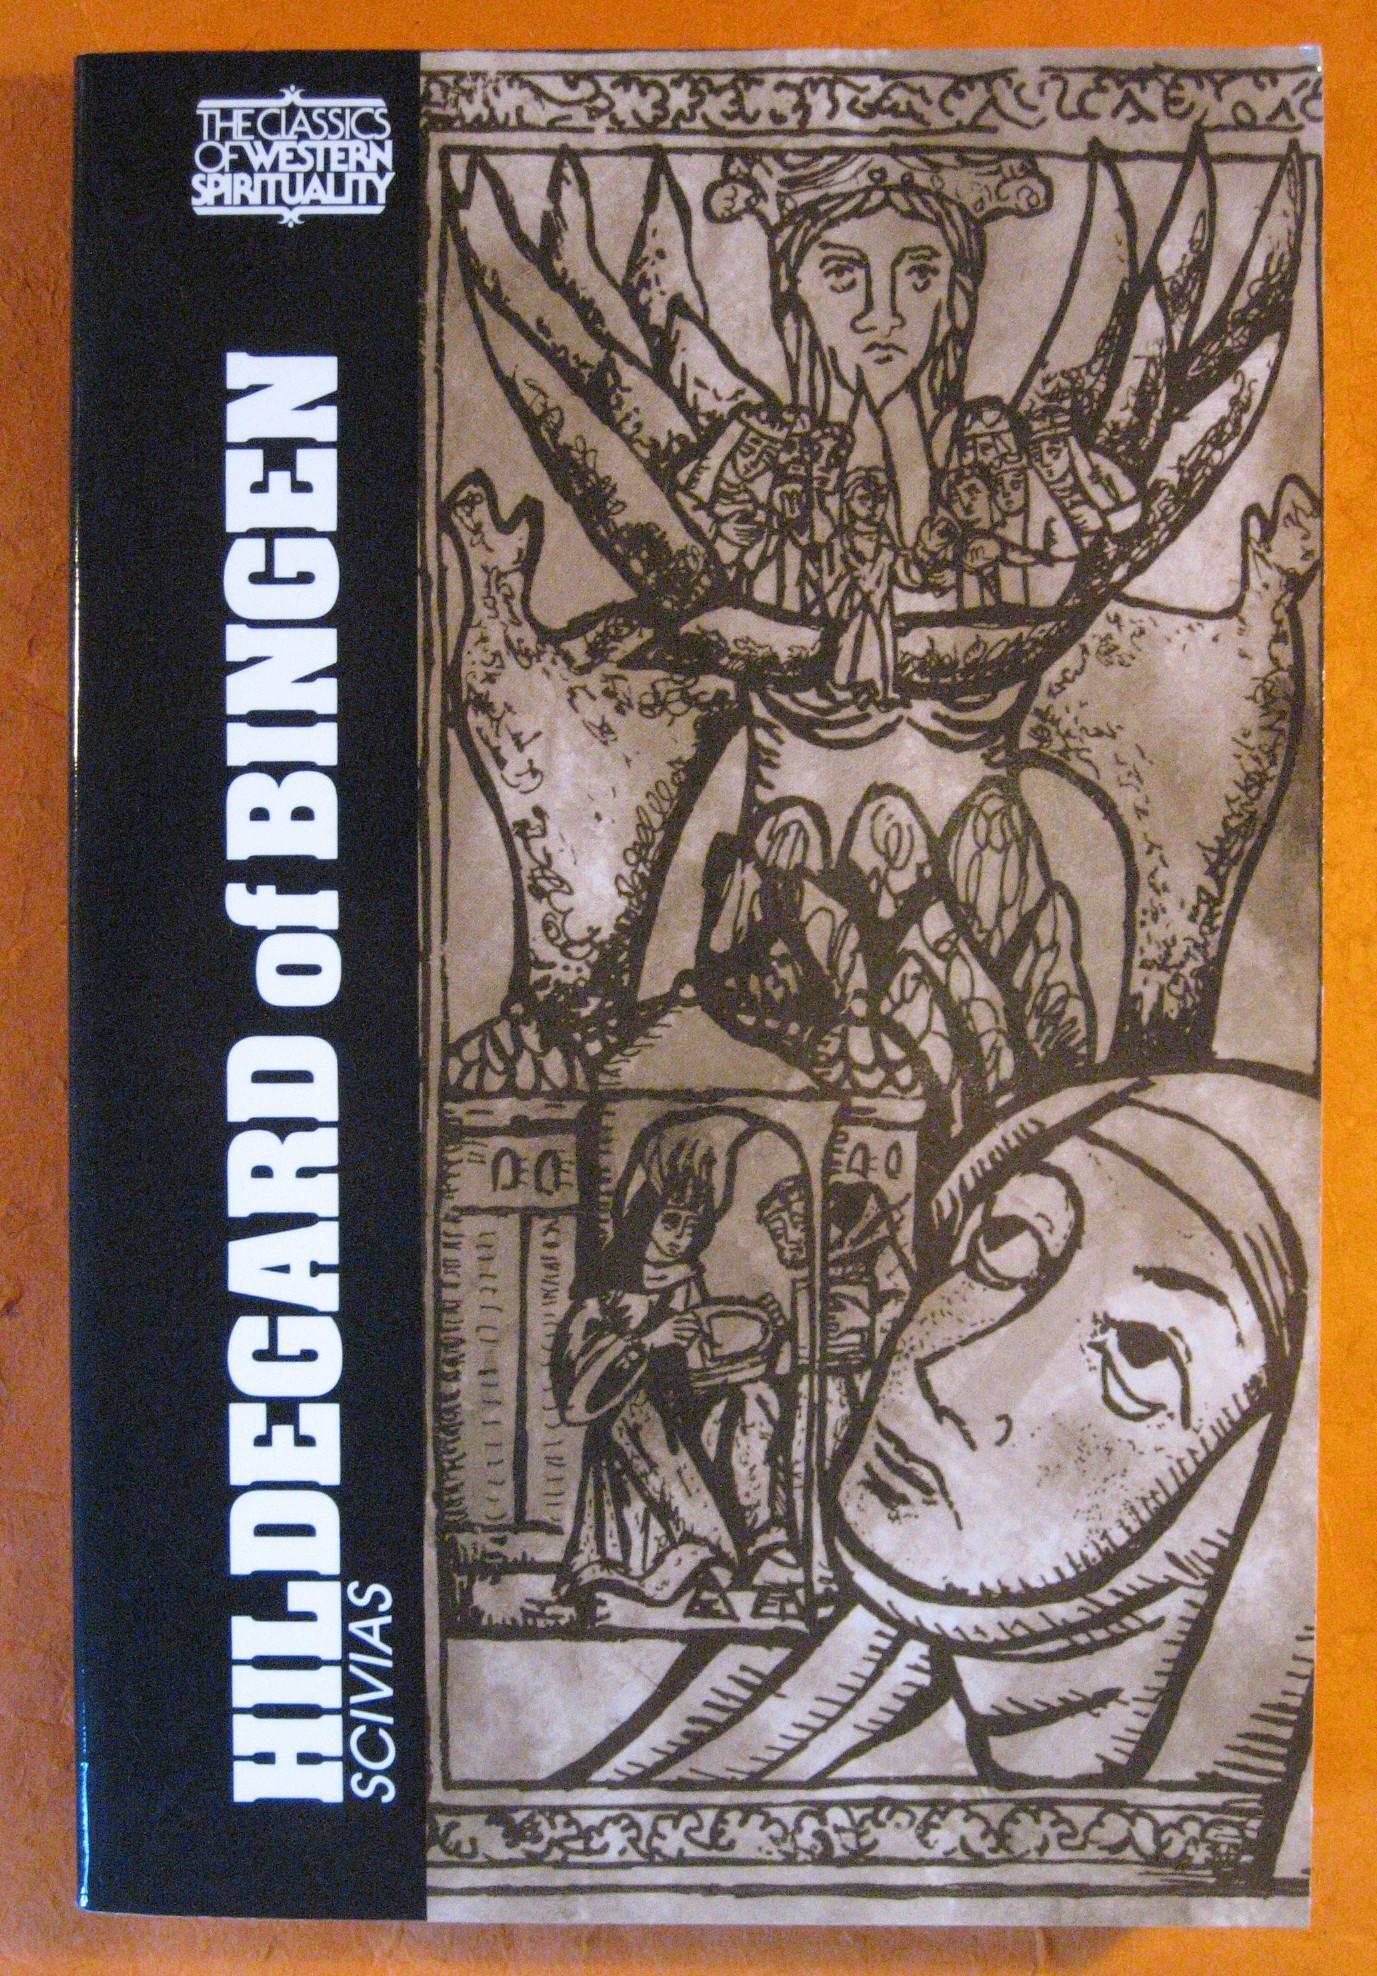 Hildegard of Bingen: Scivias (Classics of Western Spirituality, Hildegard of Bingen